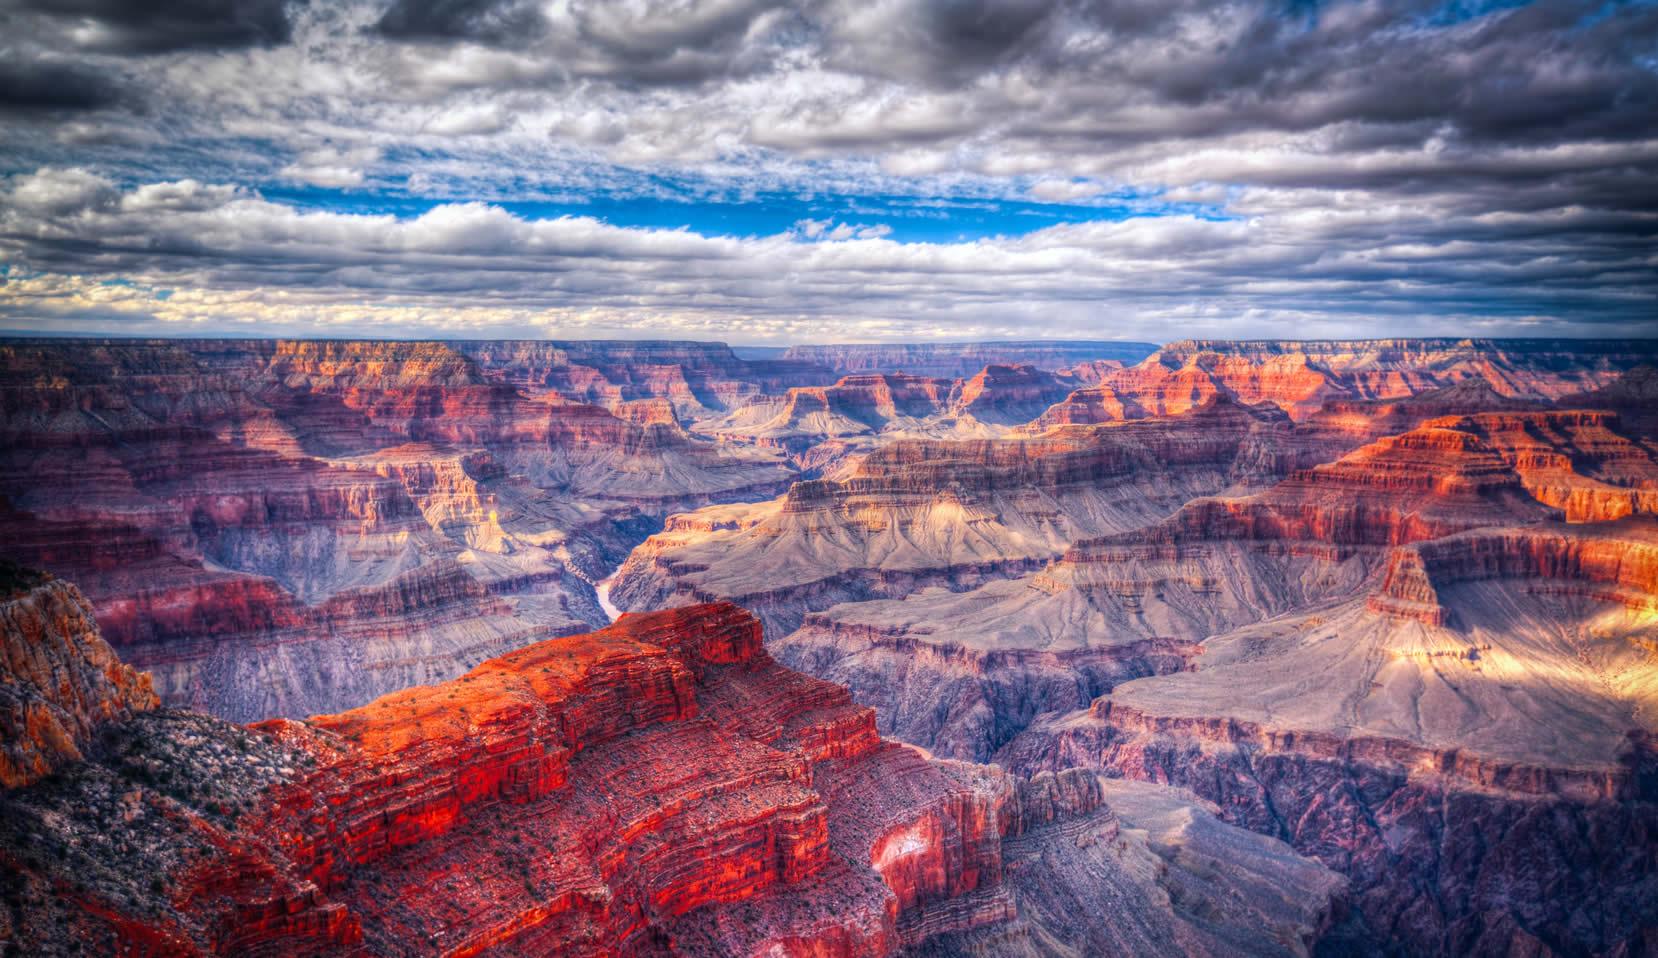 Le Grand Canyon - La 8ème merveille du monde à vos pieds